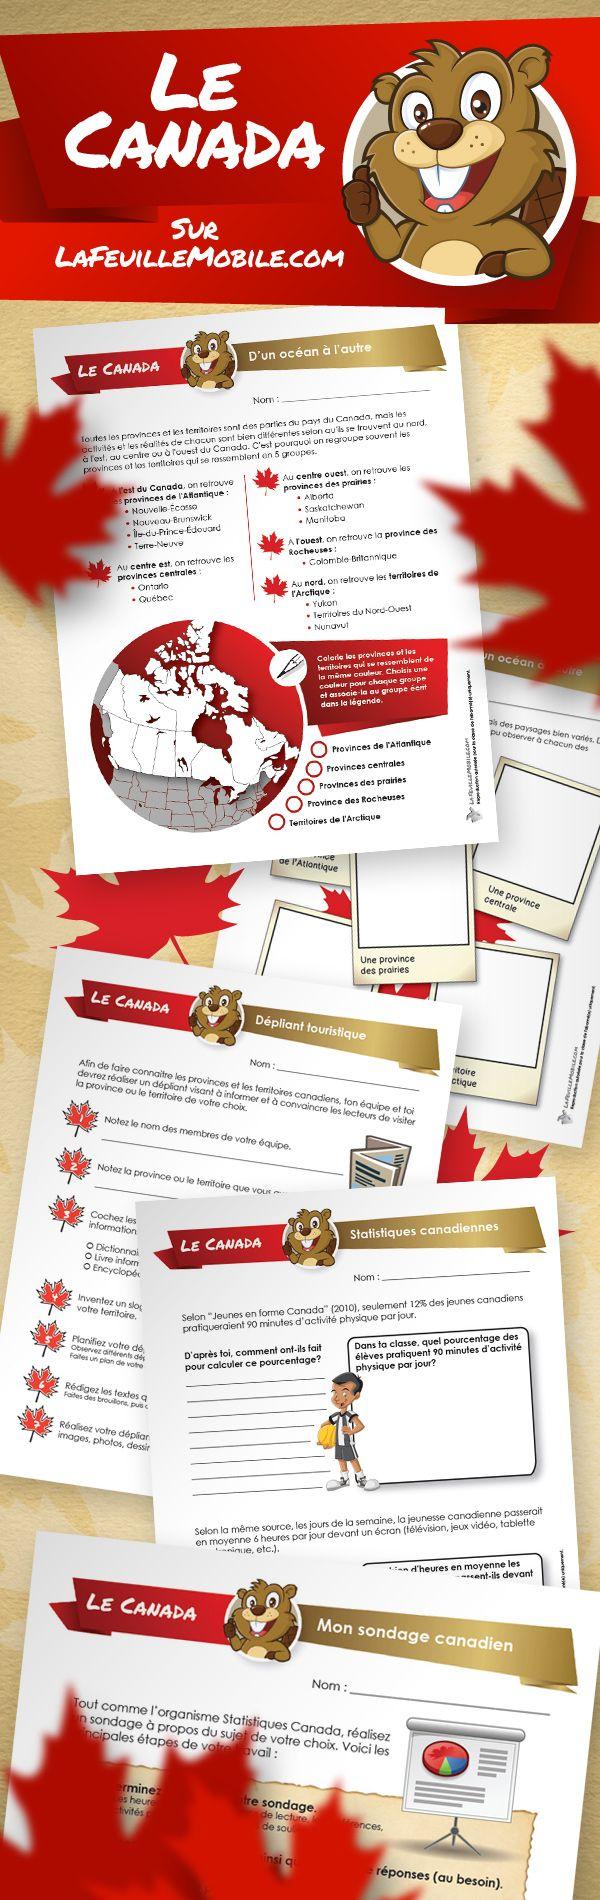 Toutes nos activités sur le thème du Canada sur LaFeuilleMobile.com!